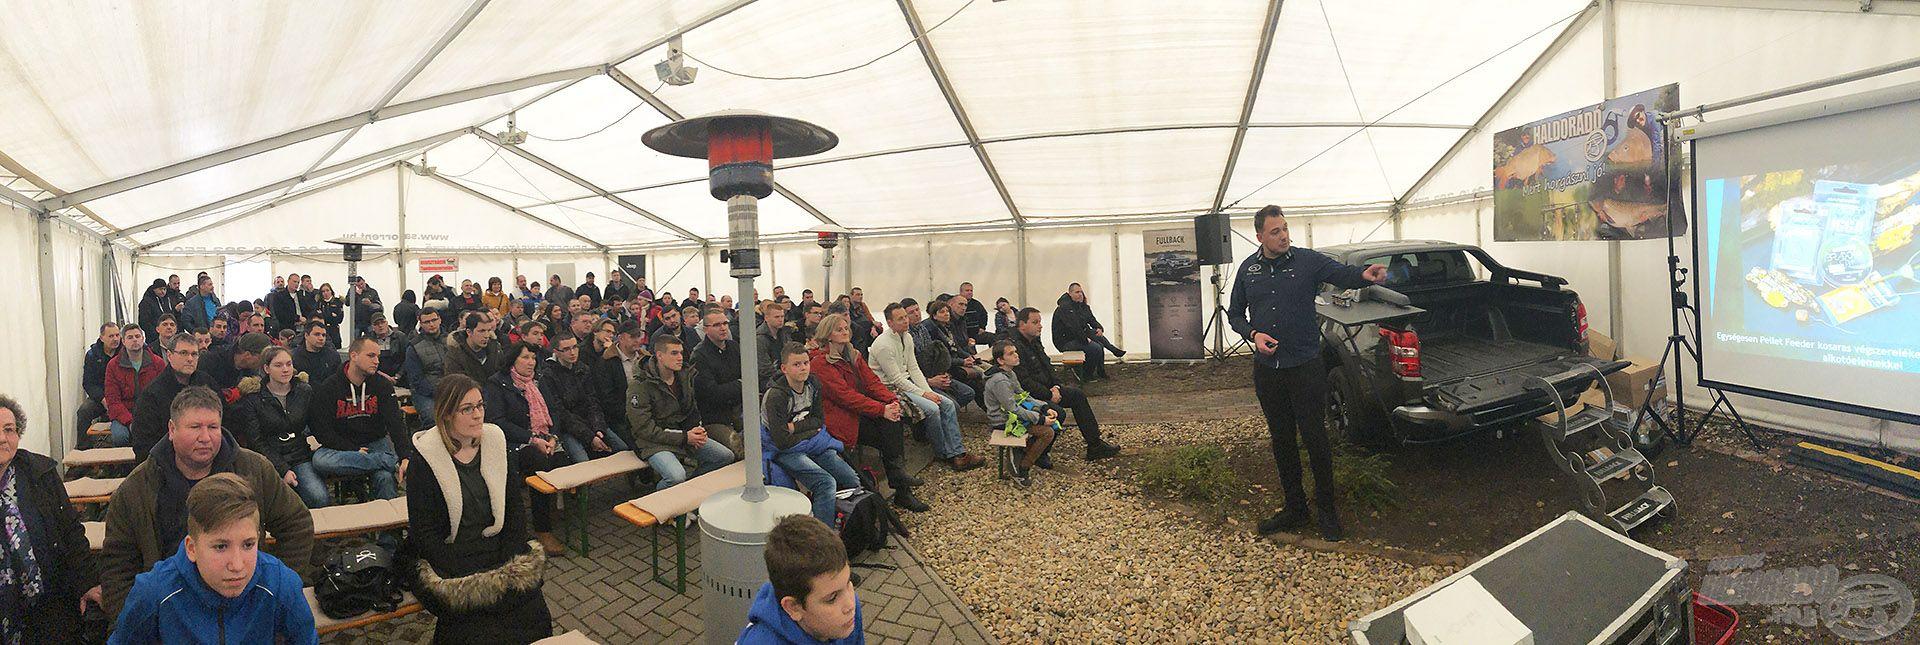 Putz Tomi mai előadásában a hideg vízi nagypontyos feeder praktikáit osztotta meg a közönséggel